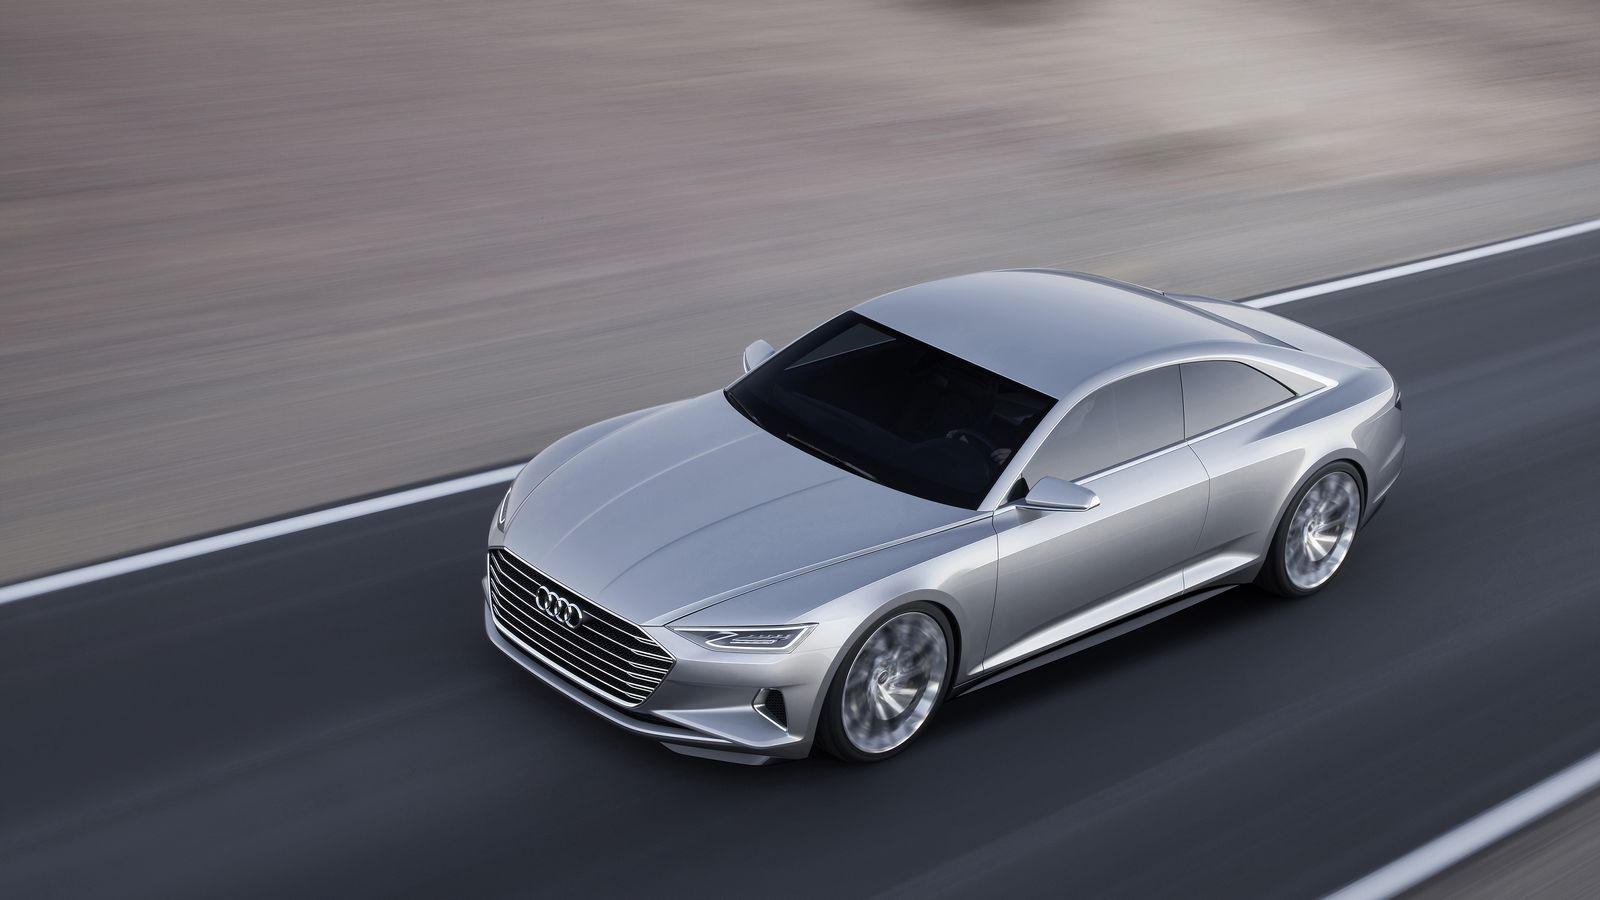 Как ожидается, новый A8 выполнен по мотивам концепта Audi Prologue, который дебютировал в 2014 году.